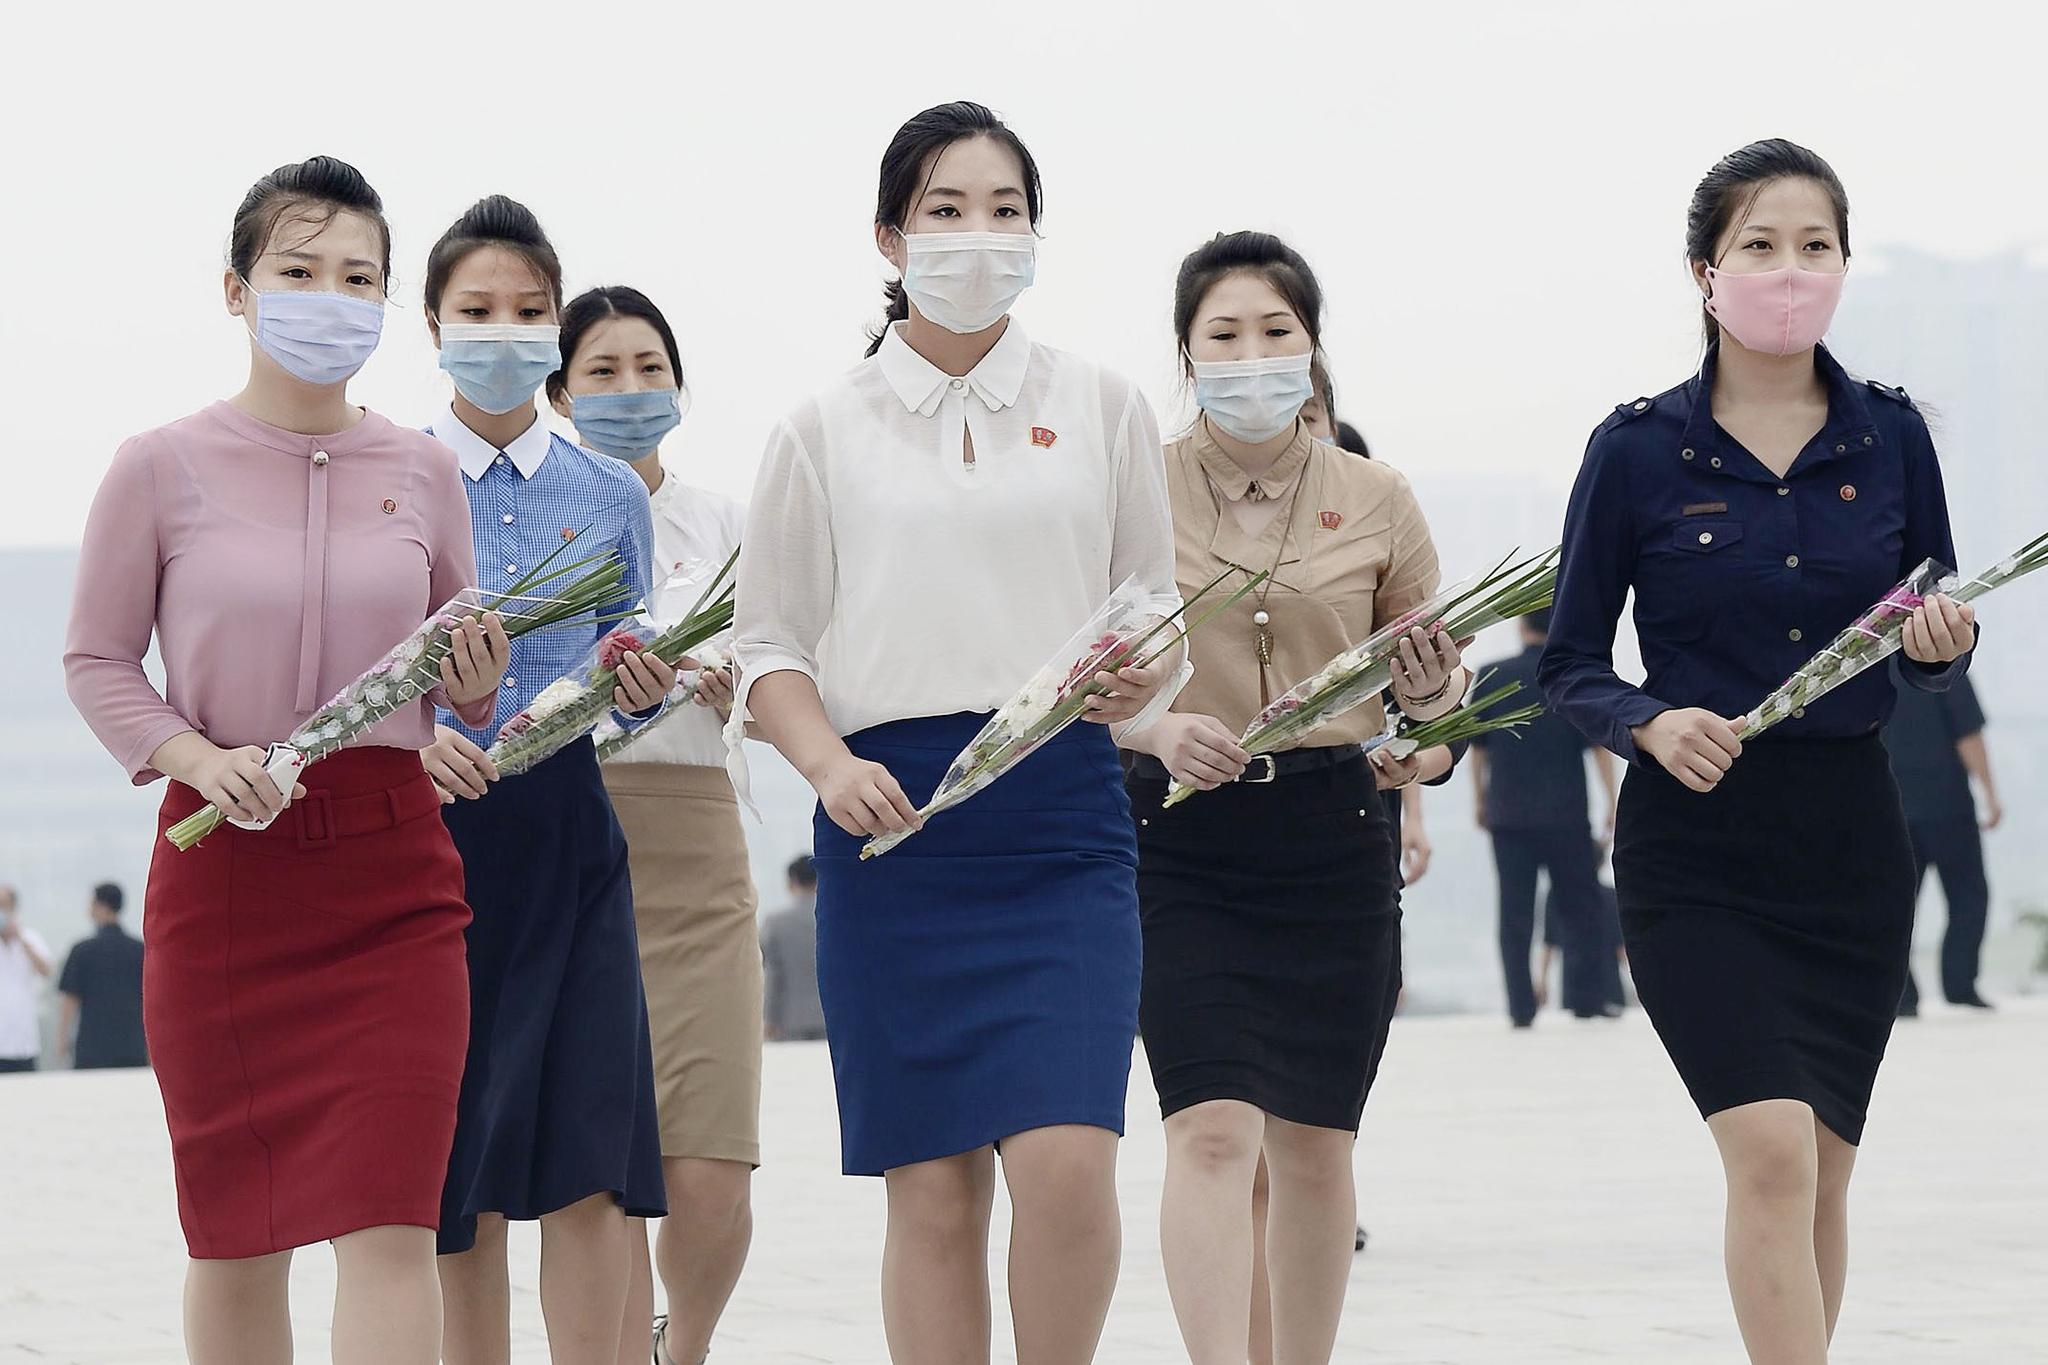 김일성·김정일 동상에 헌화하러 가는 북한 여성들. 연합뉴스